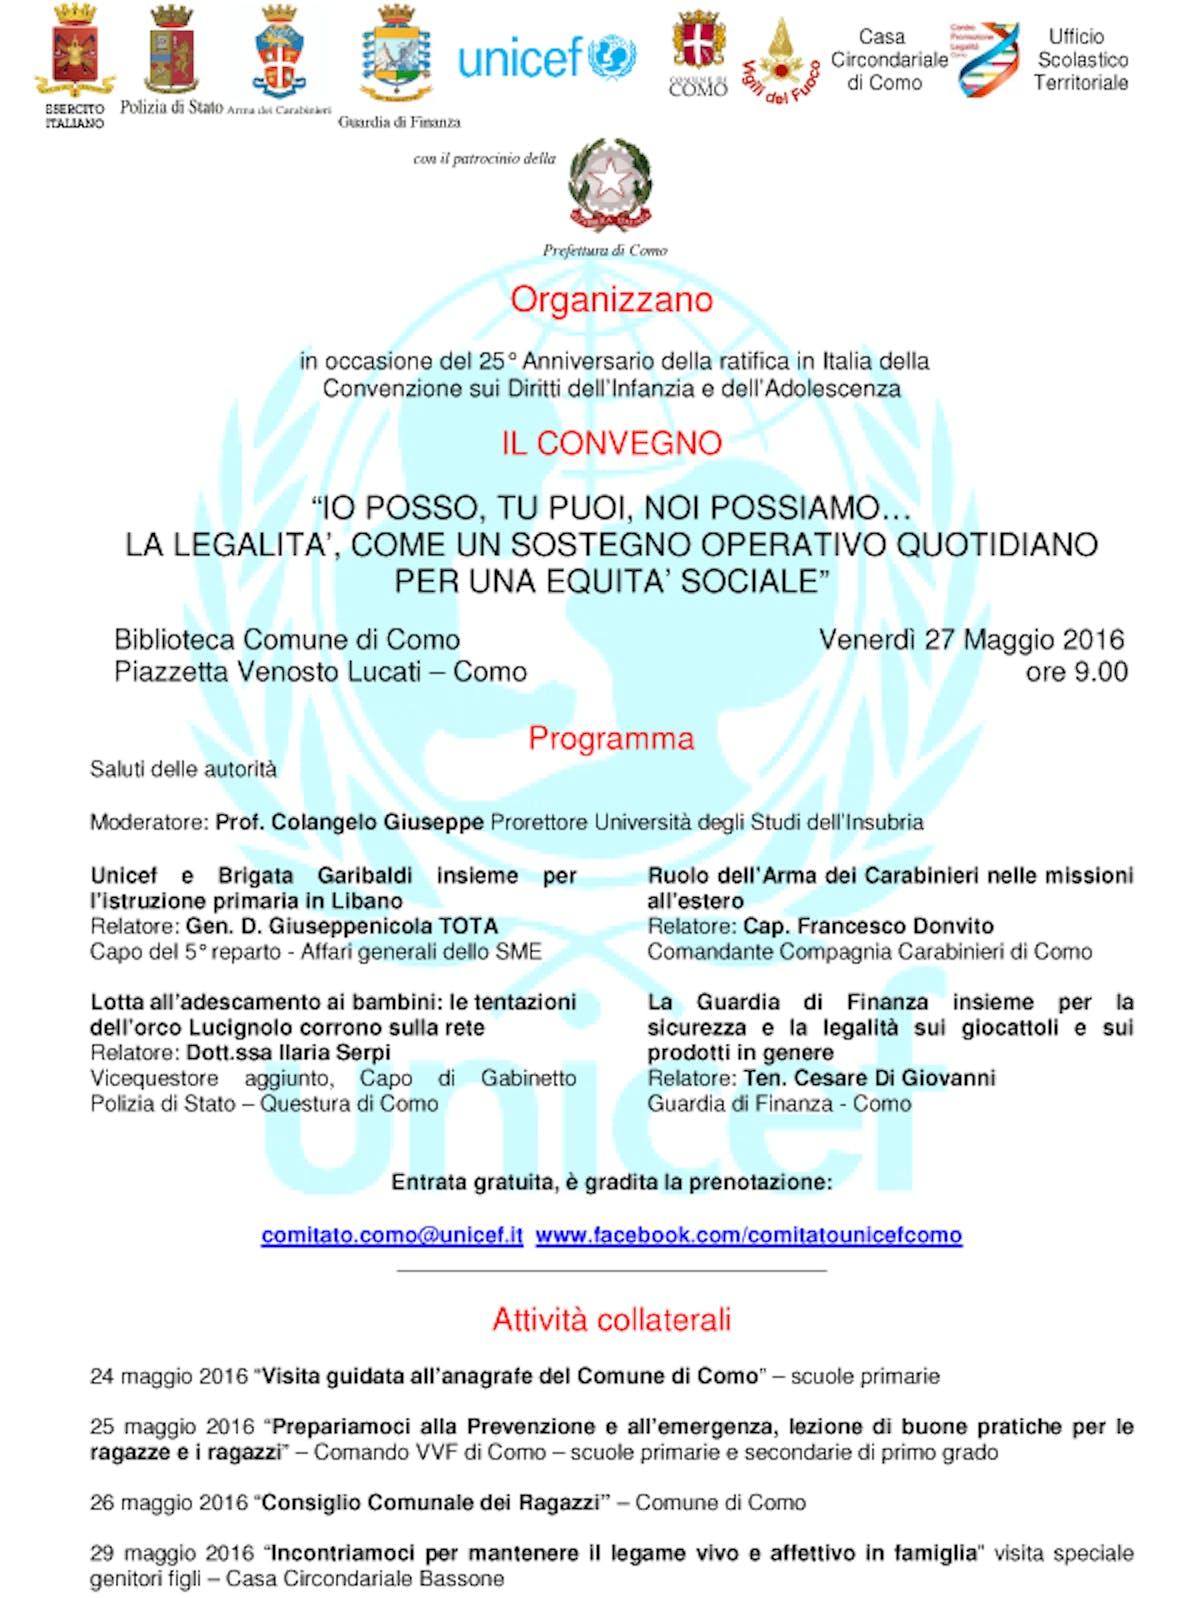 27 maggio 2016- Convegno per il 25° anniversario della ratifica in Italia della Convenzione sui diritti dell'Infanzia e dell'Adolescenza